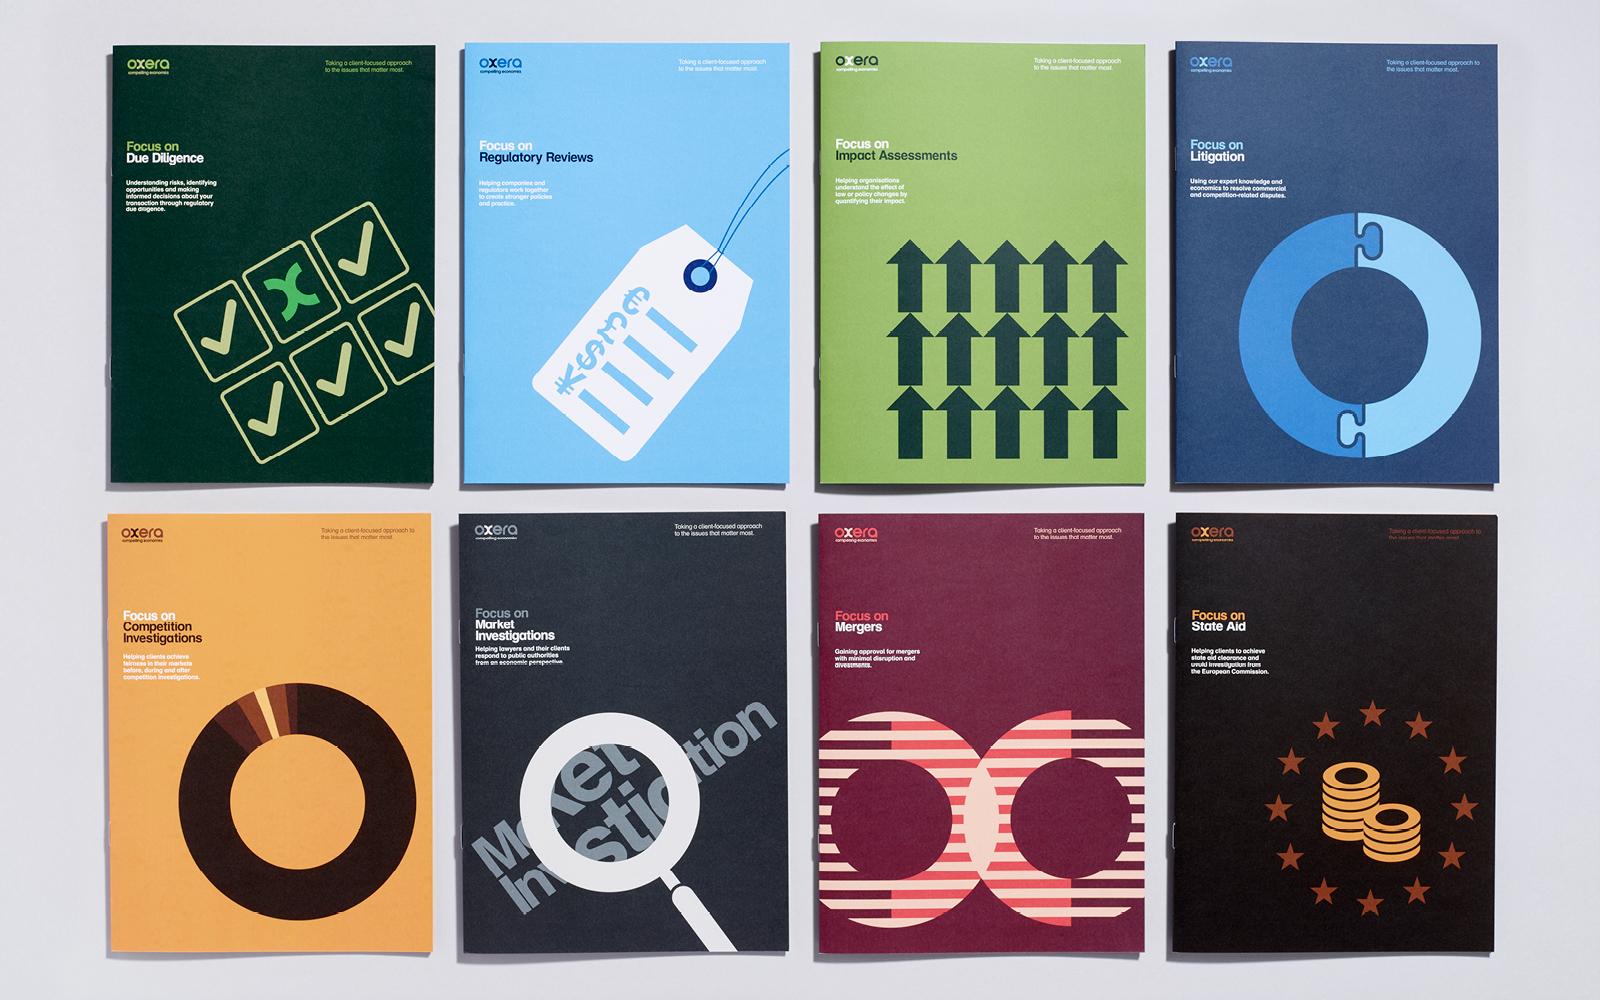 Set of client services brochures